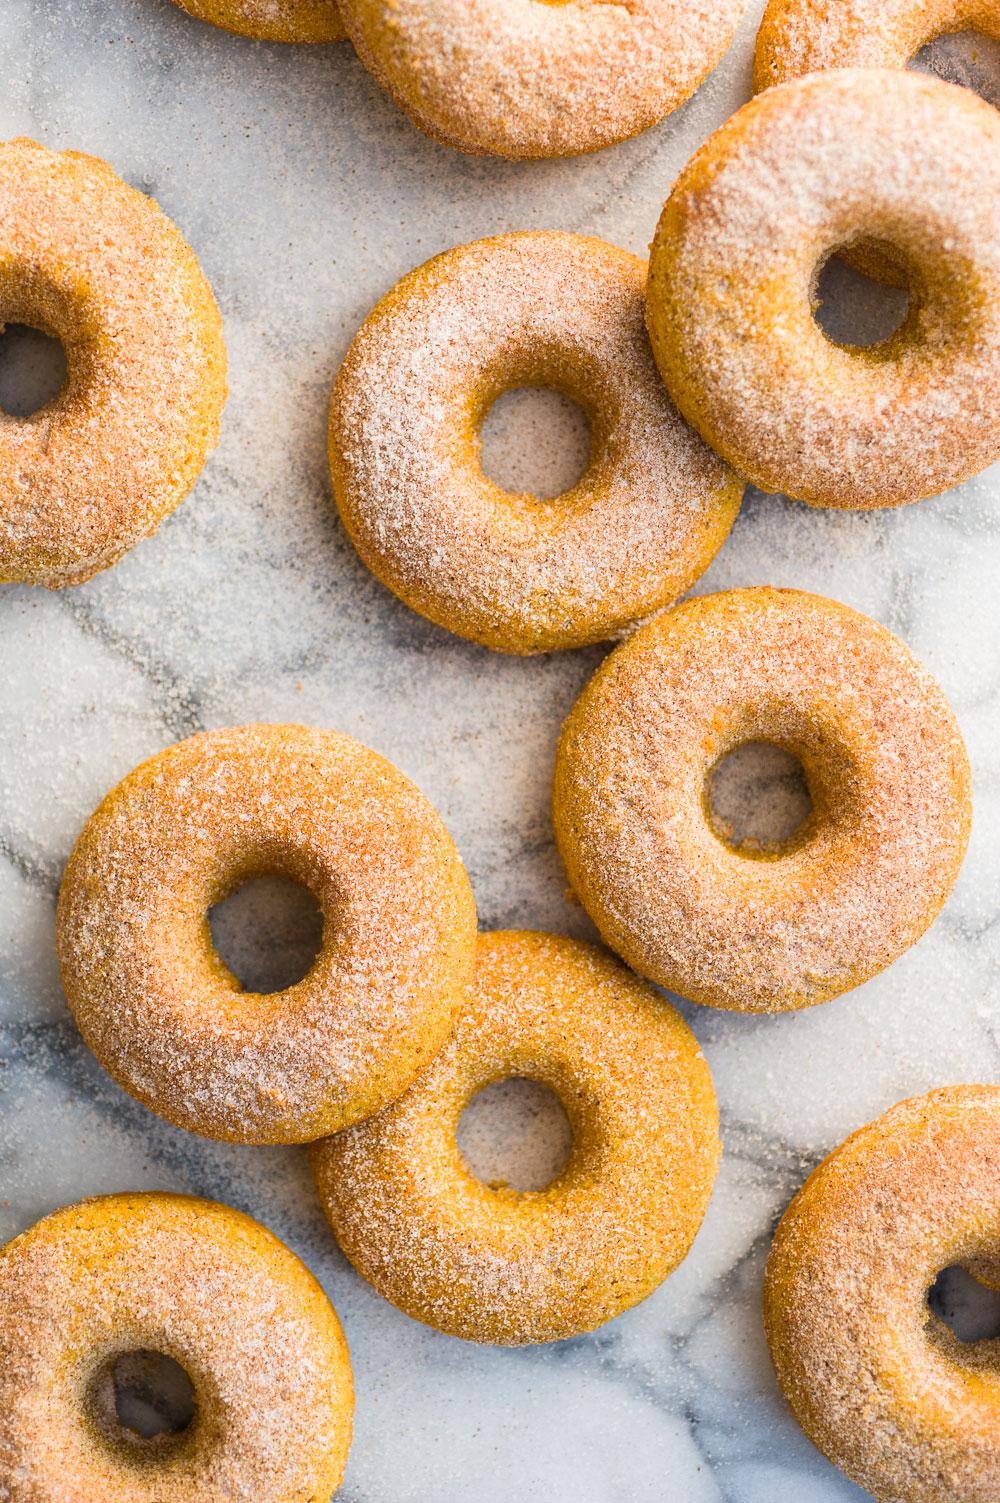 Gluten-Free Pumpkin Doughnuts | Minimally Invasive